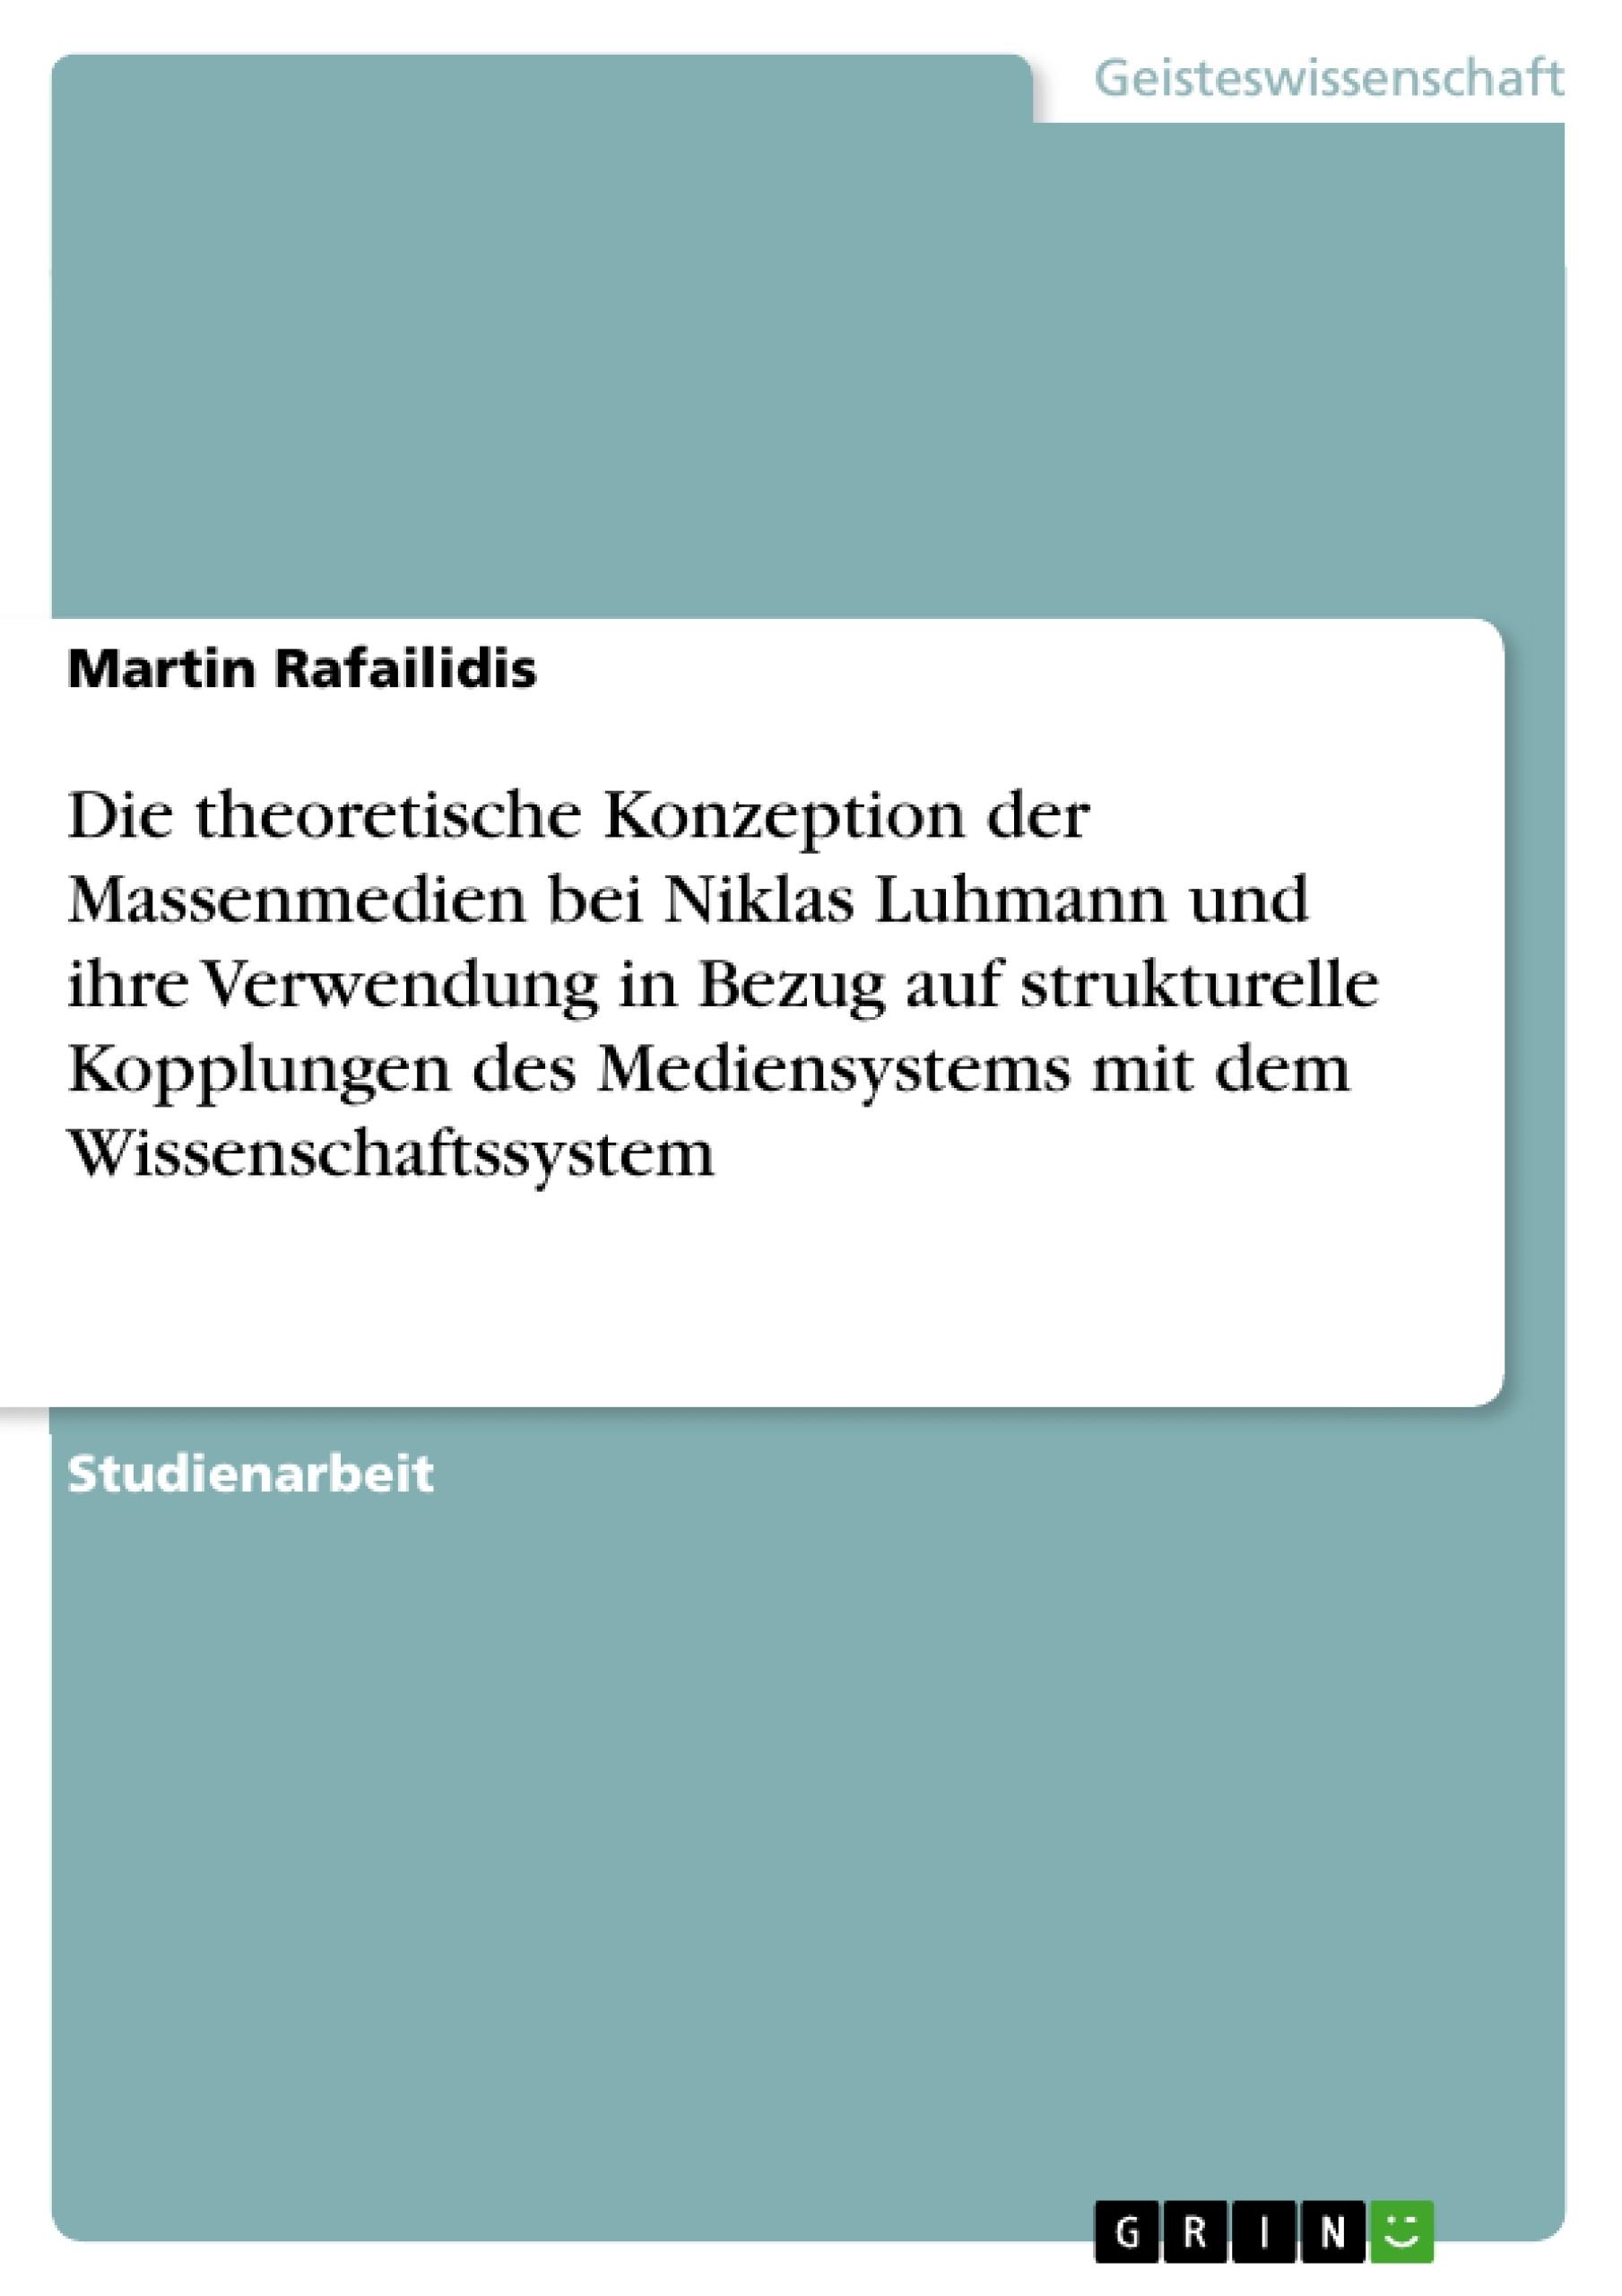 Titel: Die theoretische Konzeption der Massenmedien bei Niklas Luhmann und ihre Verwendung in Bezug auf strukturelle Kopplungen des Mediensystems mit dem Wissenschaftssystem